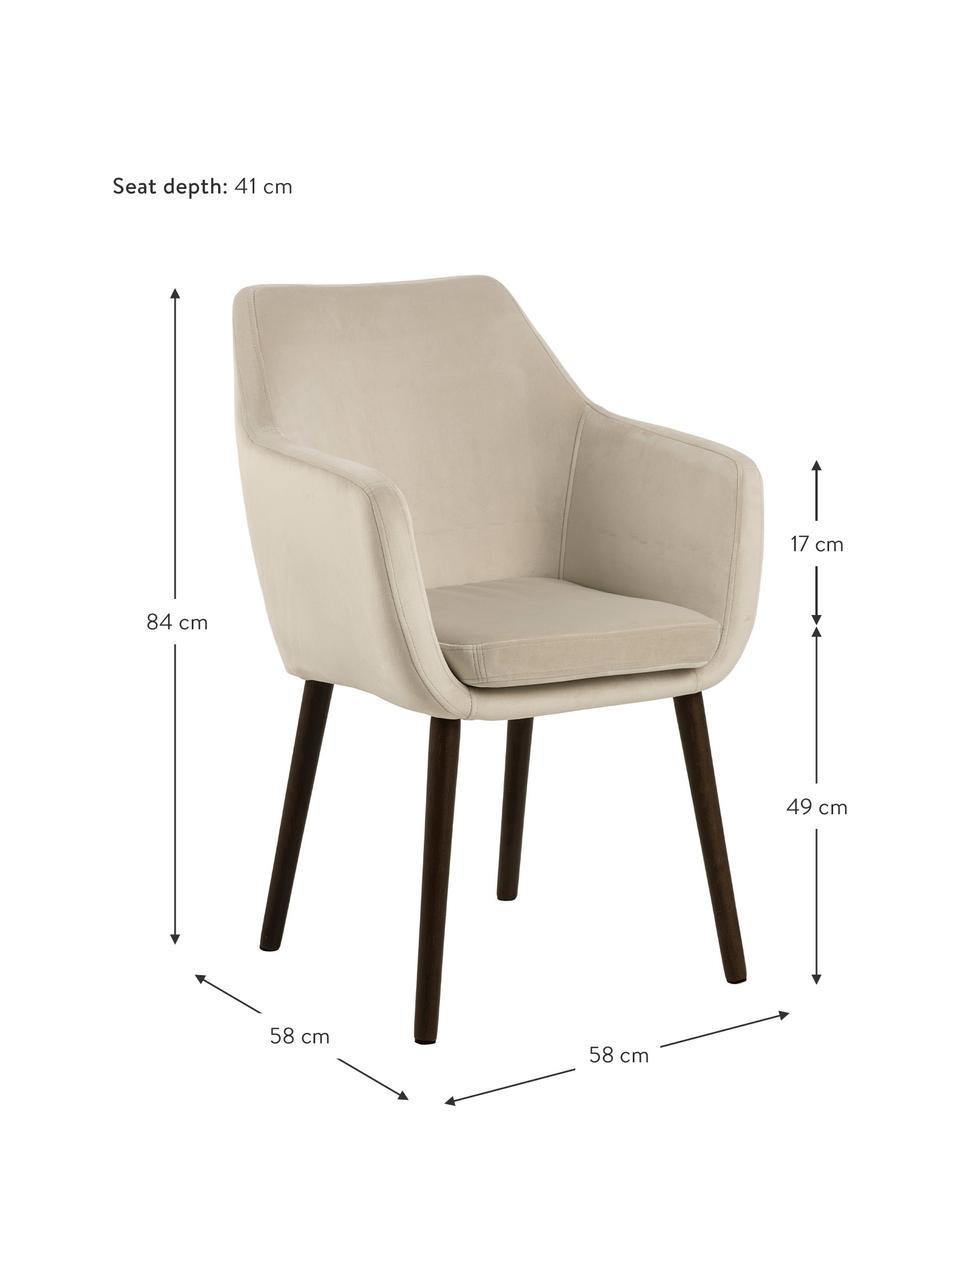 Krzesło z podłokietnikami z aksamitu Nora, Tapicerka: aksamit poliestrowy Dzięk, Nogi: drewno dębowe, bejcowane , Aksamitny beżowy, nogi: ciemny brązowy, S 58 x G 58 cm